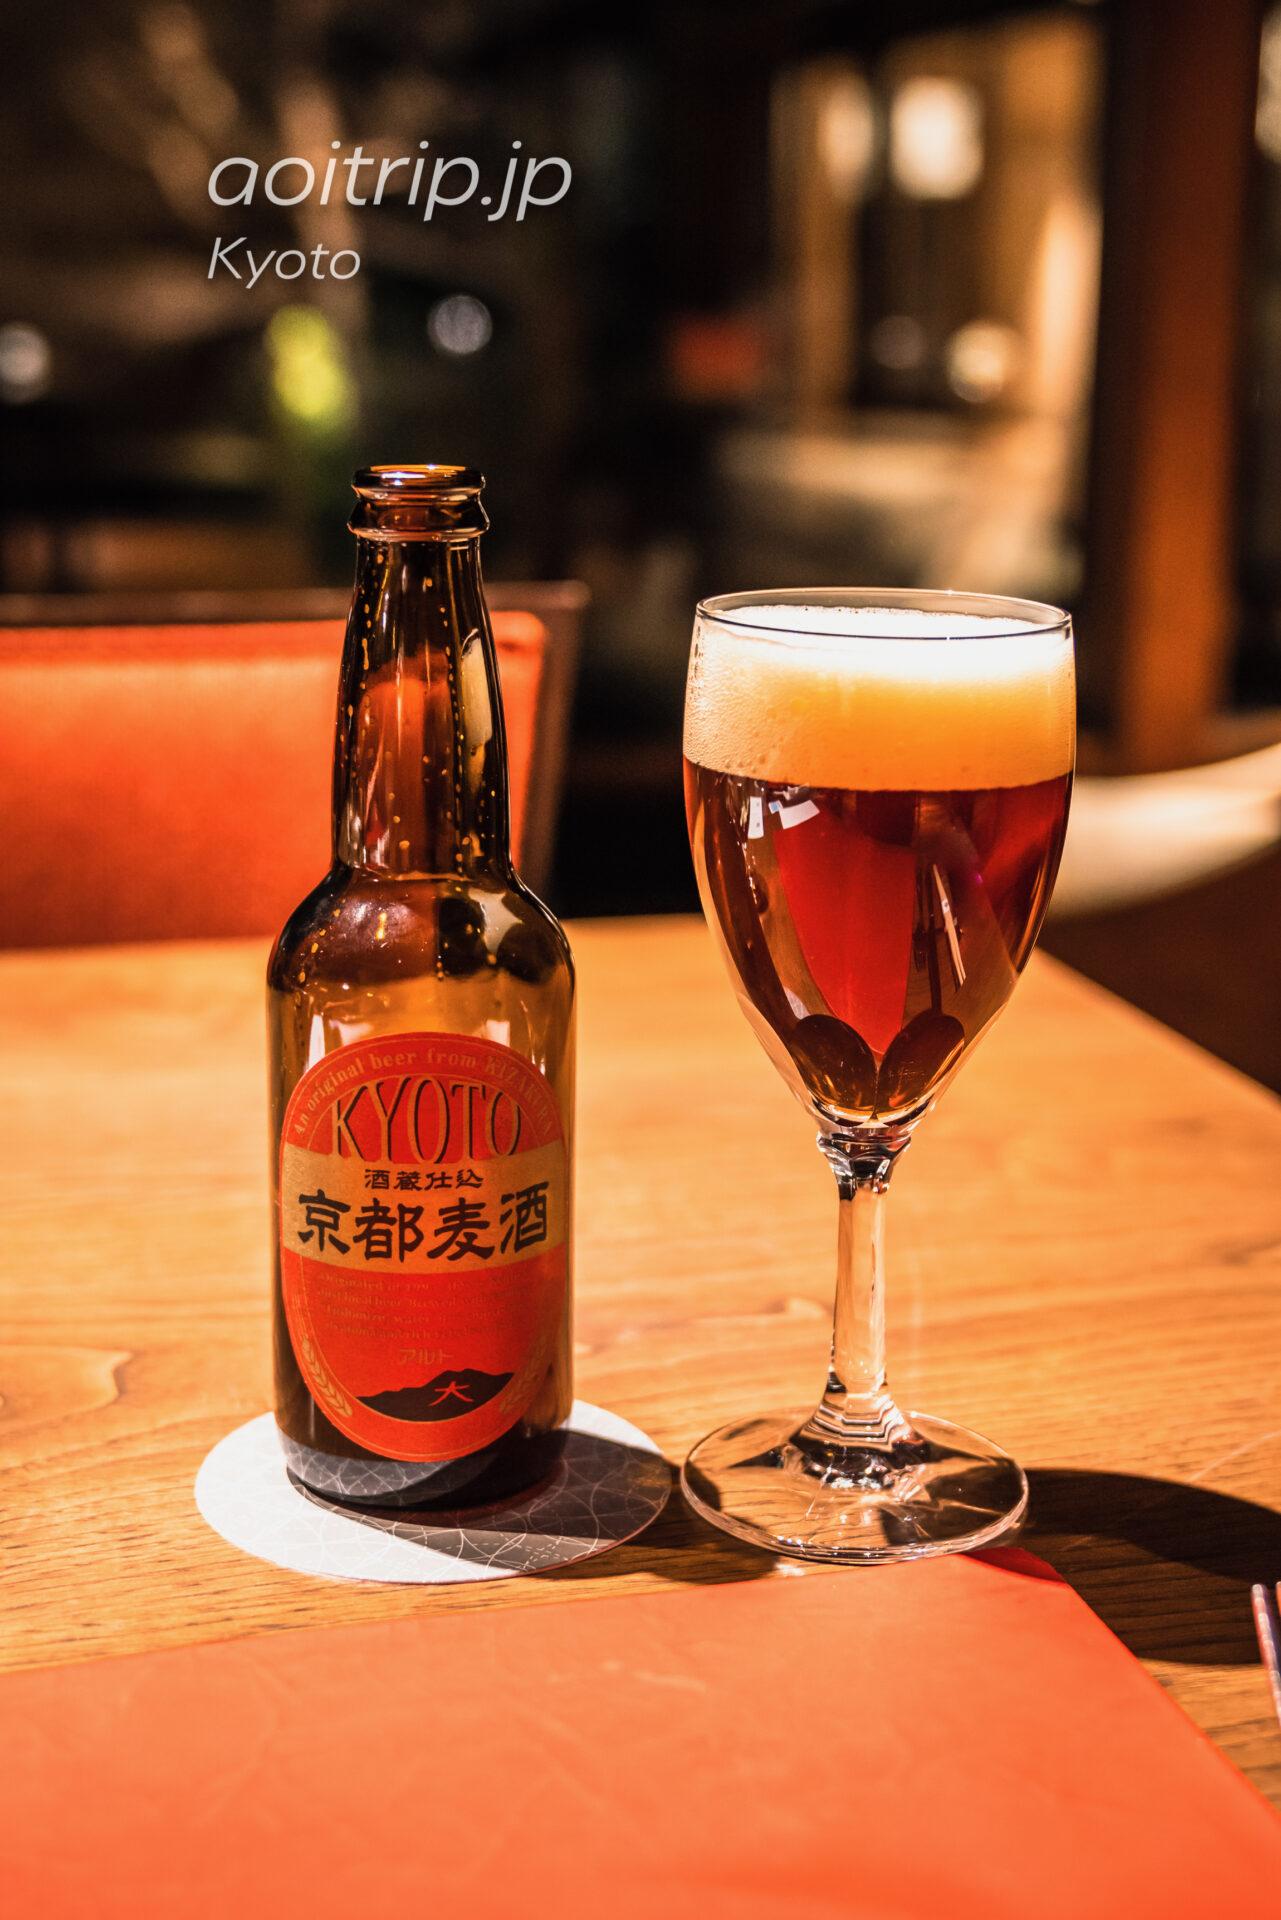 翠嵐 ラグジュアリーコレクションホテル 京都 レストラン京翠嵐 京都麦酒 Kyoto Beer